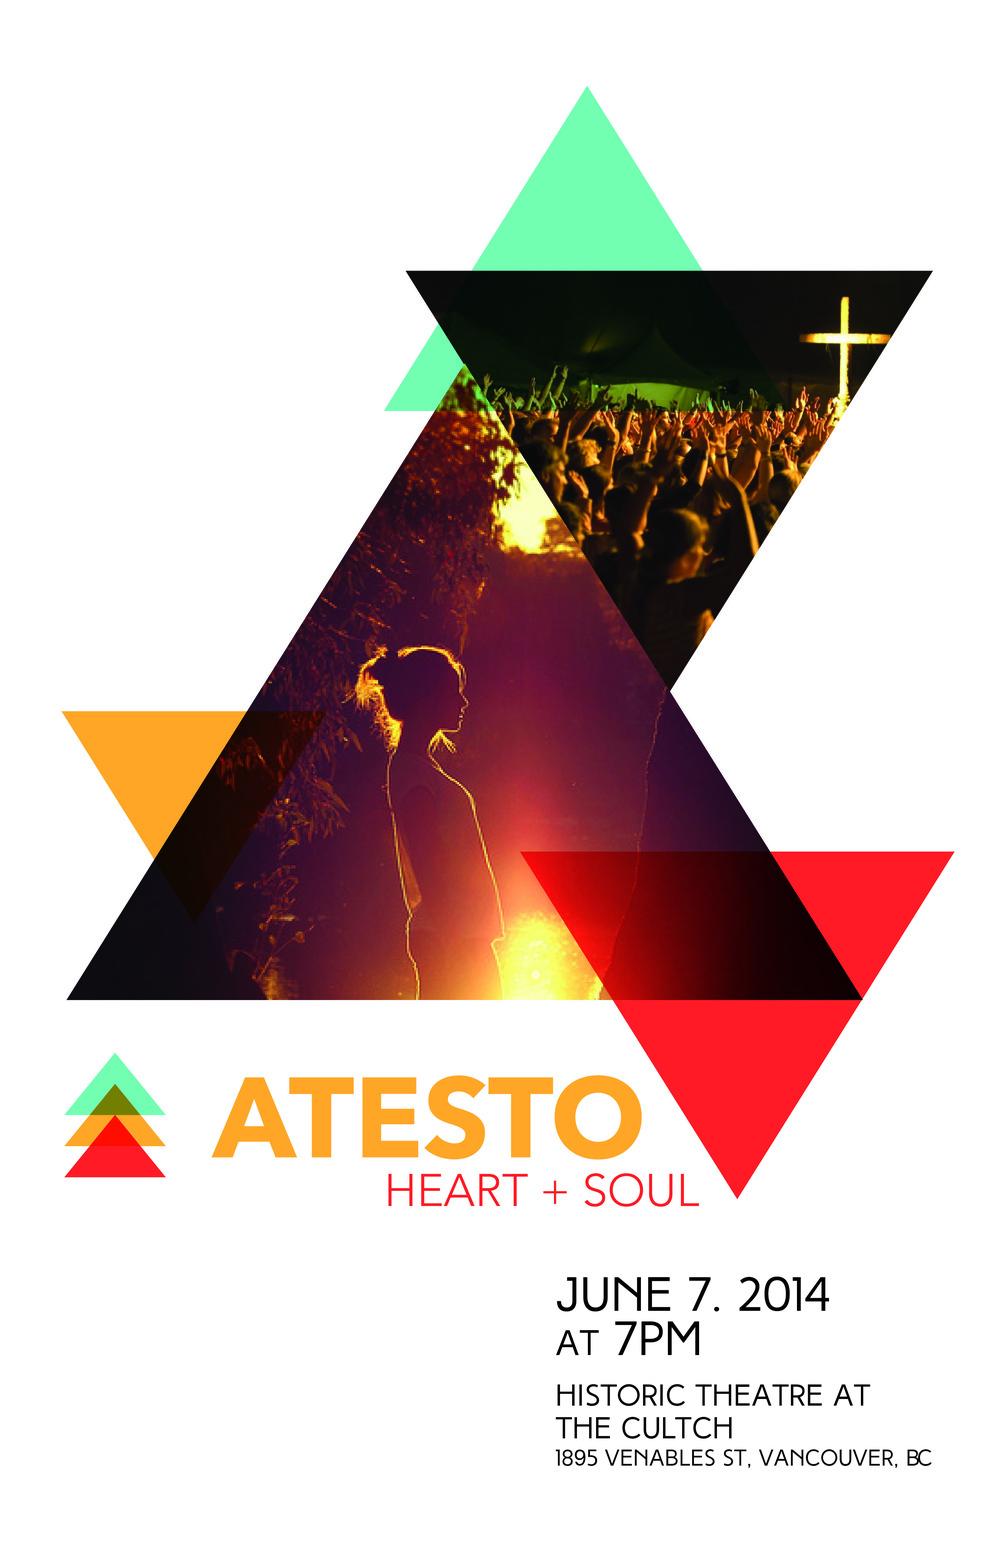 Heart + Soul // June 7, 2014